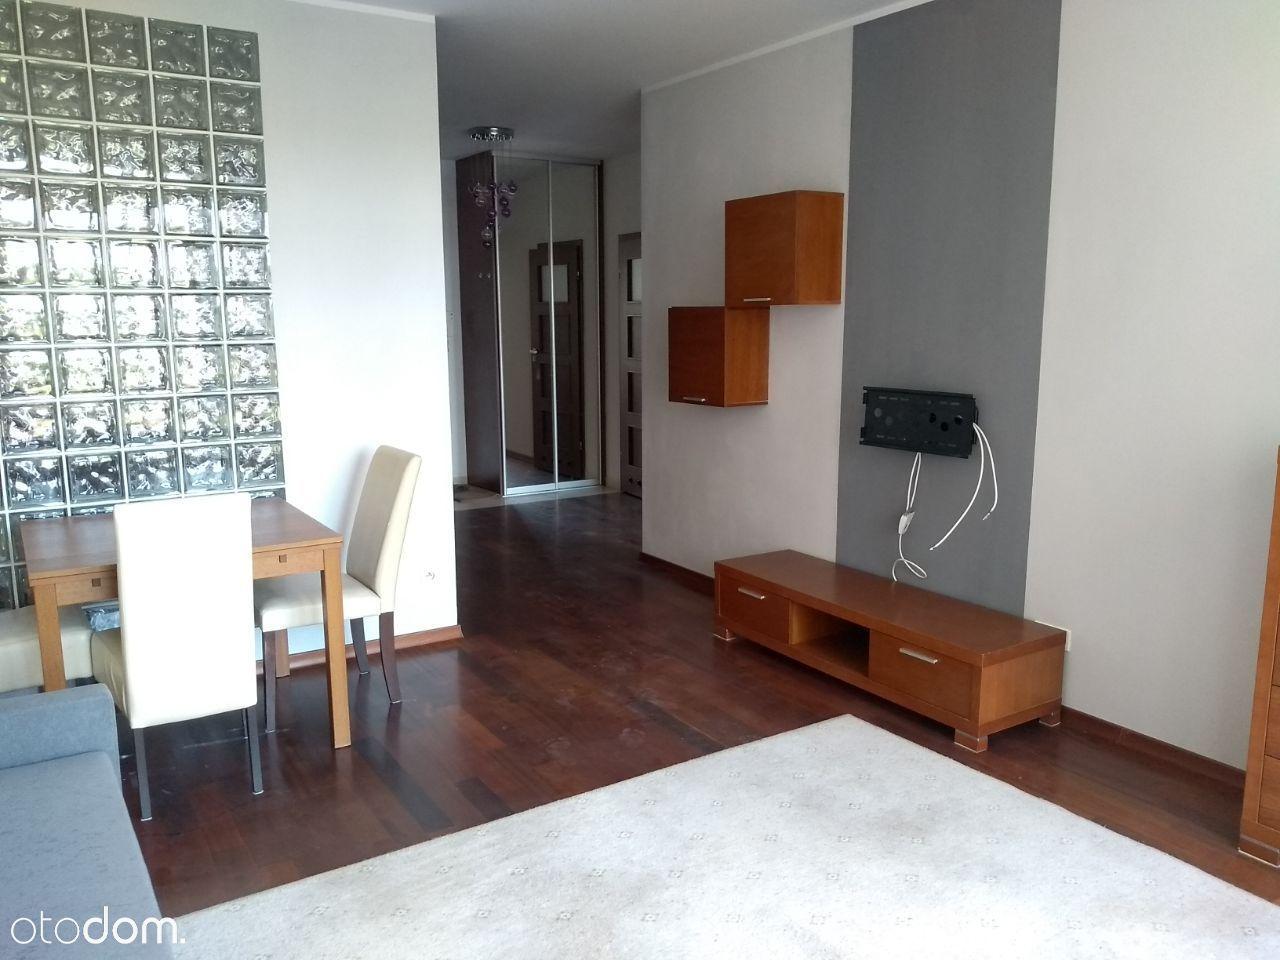 Mieszkanie 51m2 na Woli na wynajem